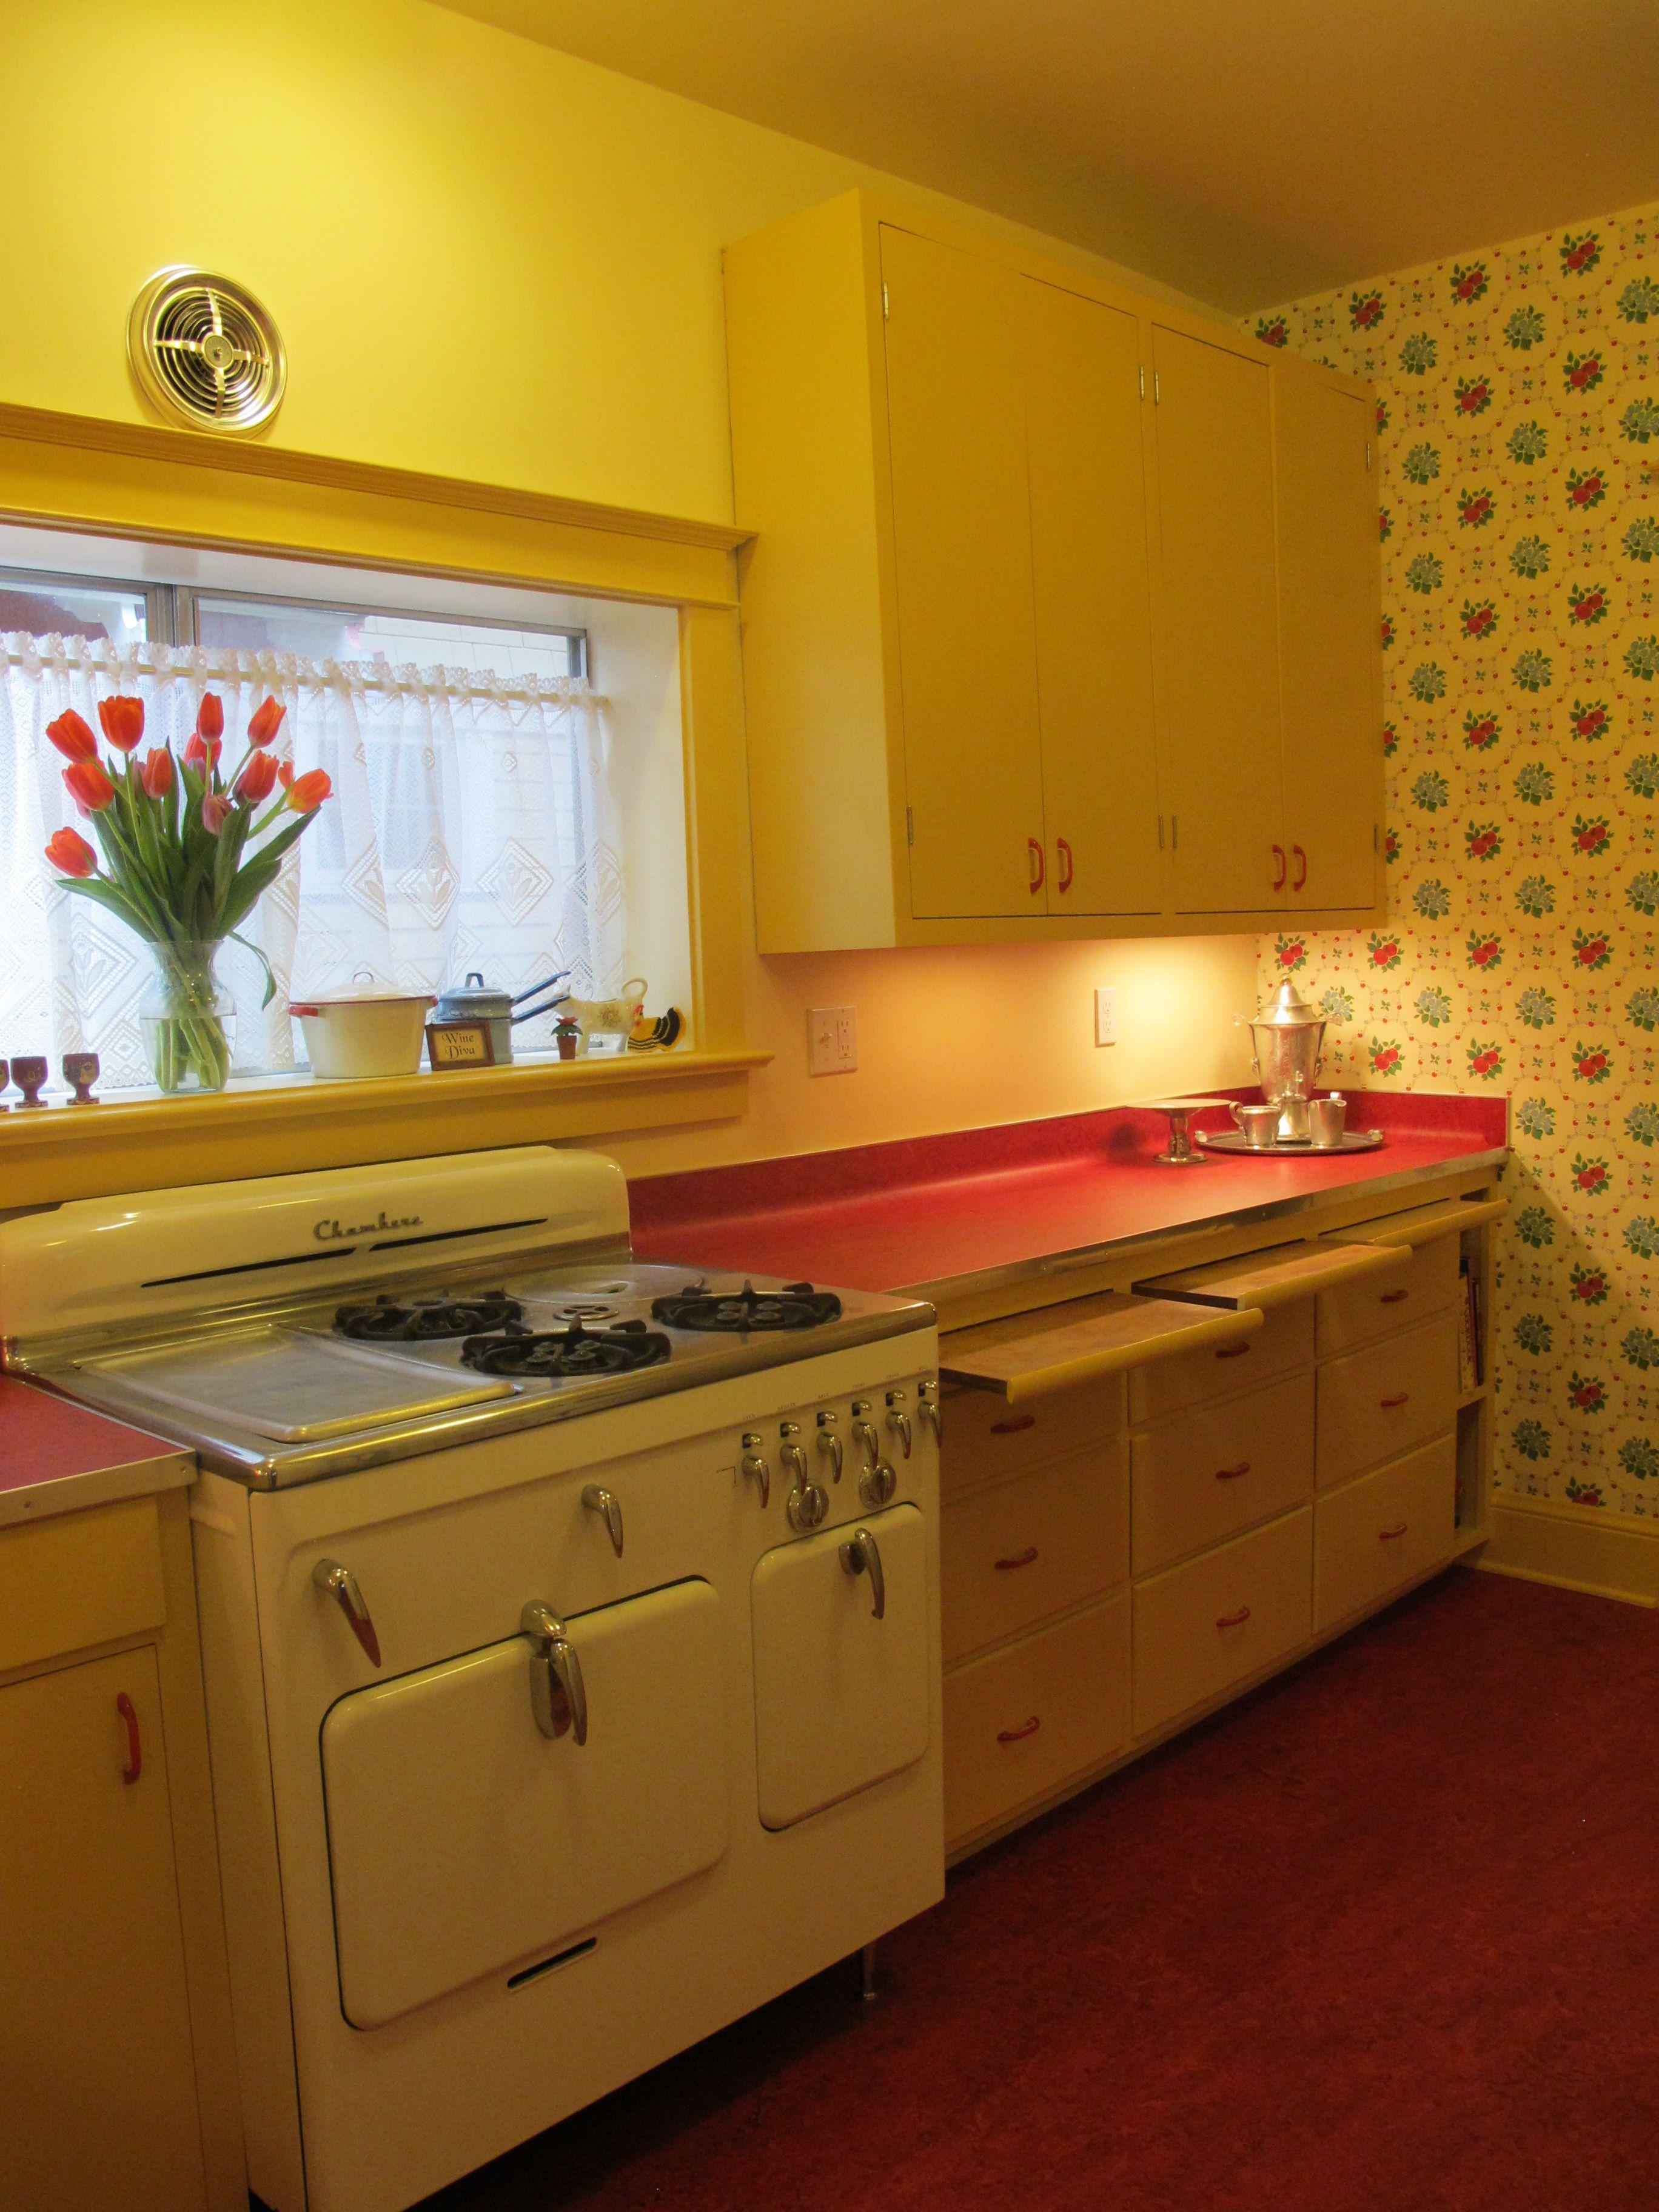 Retro kitchen with Apple Betty wallpaper from Bradbury & Bradbury